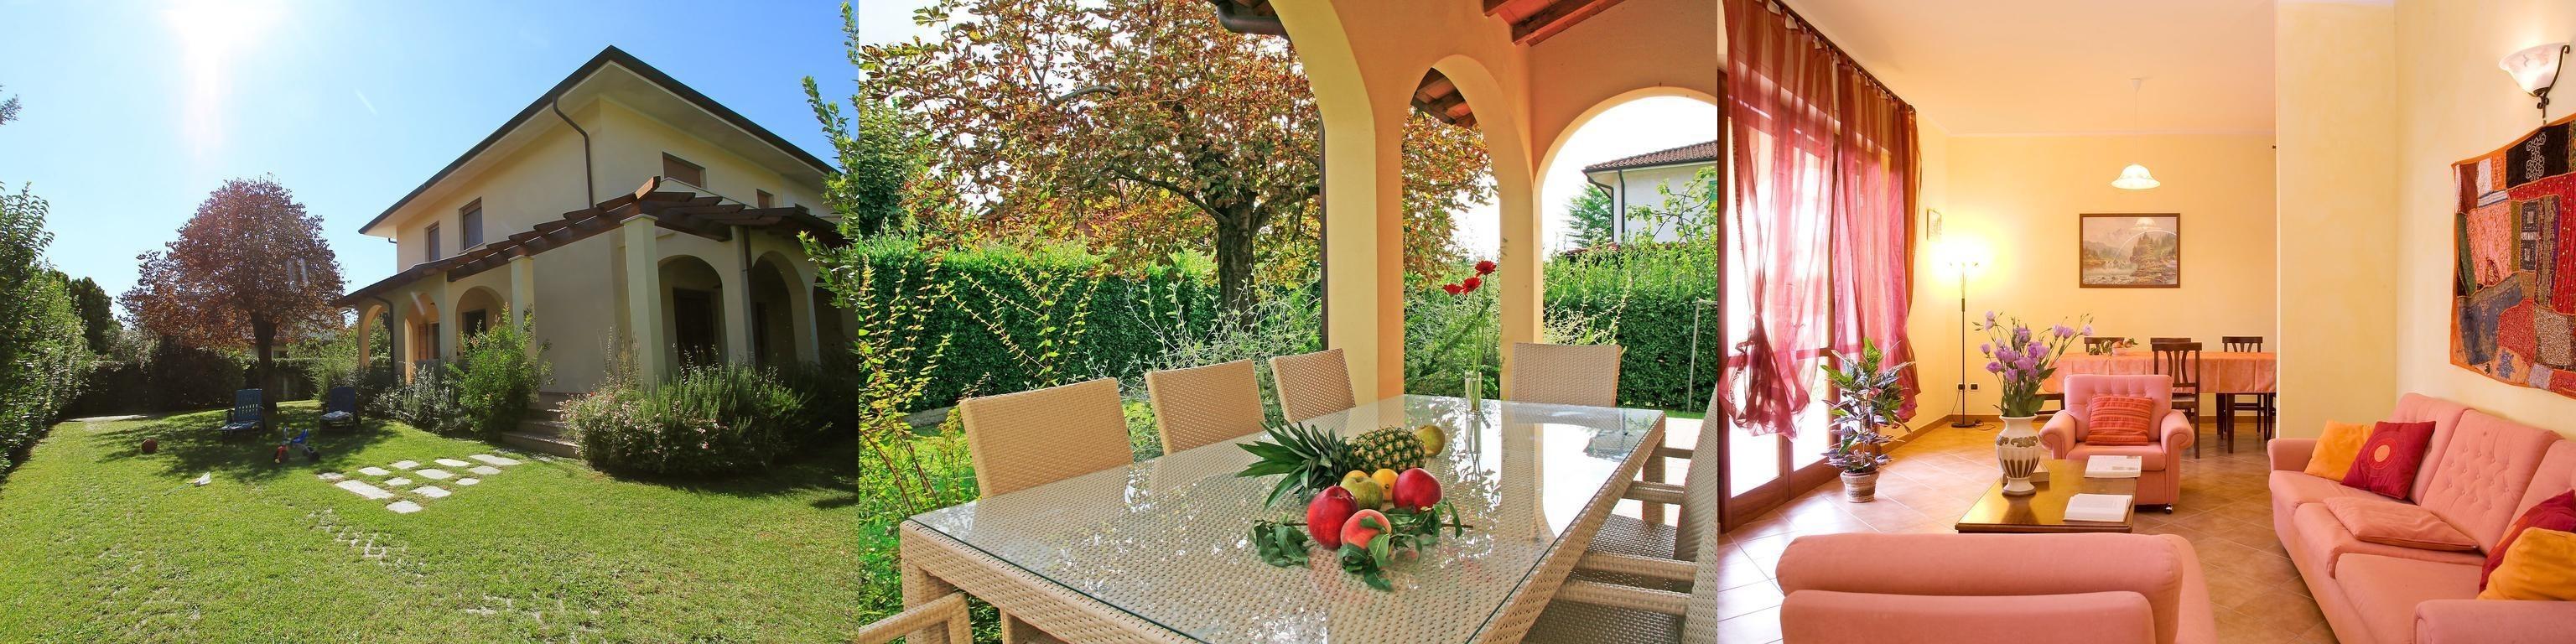 Locazione Turistica Villa Gino